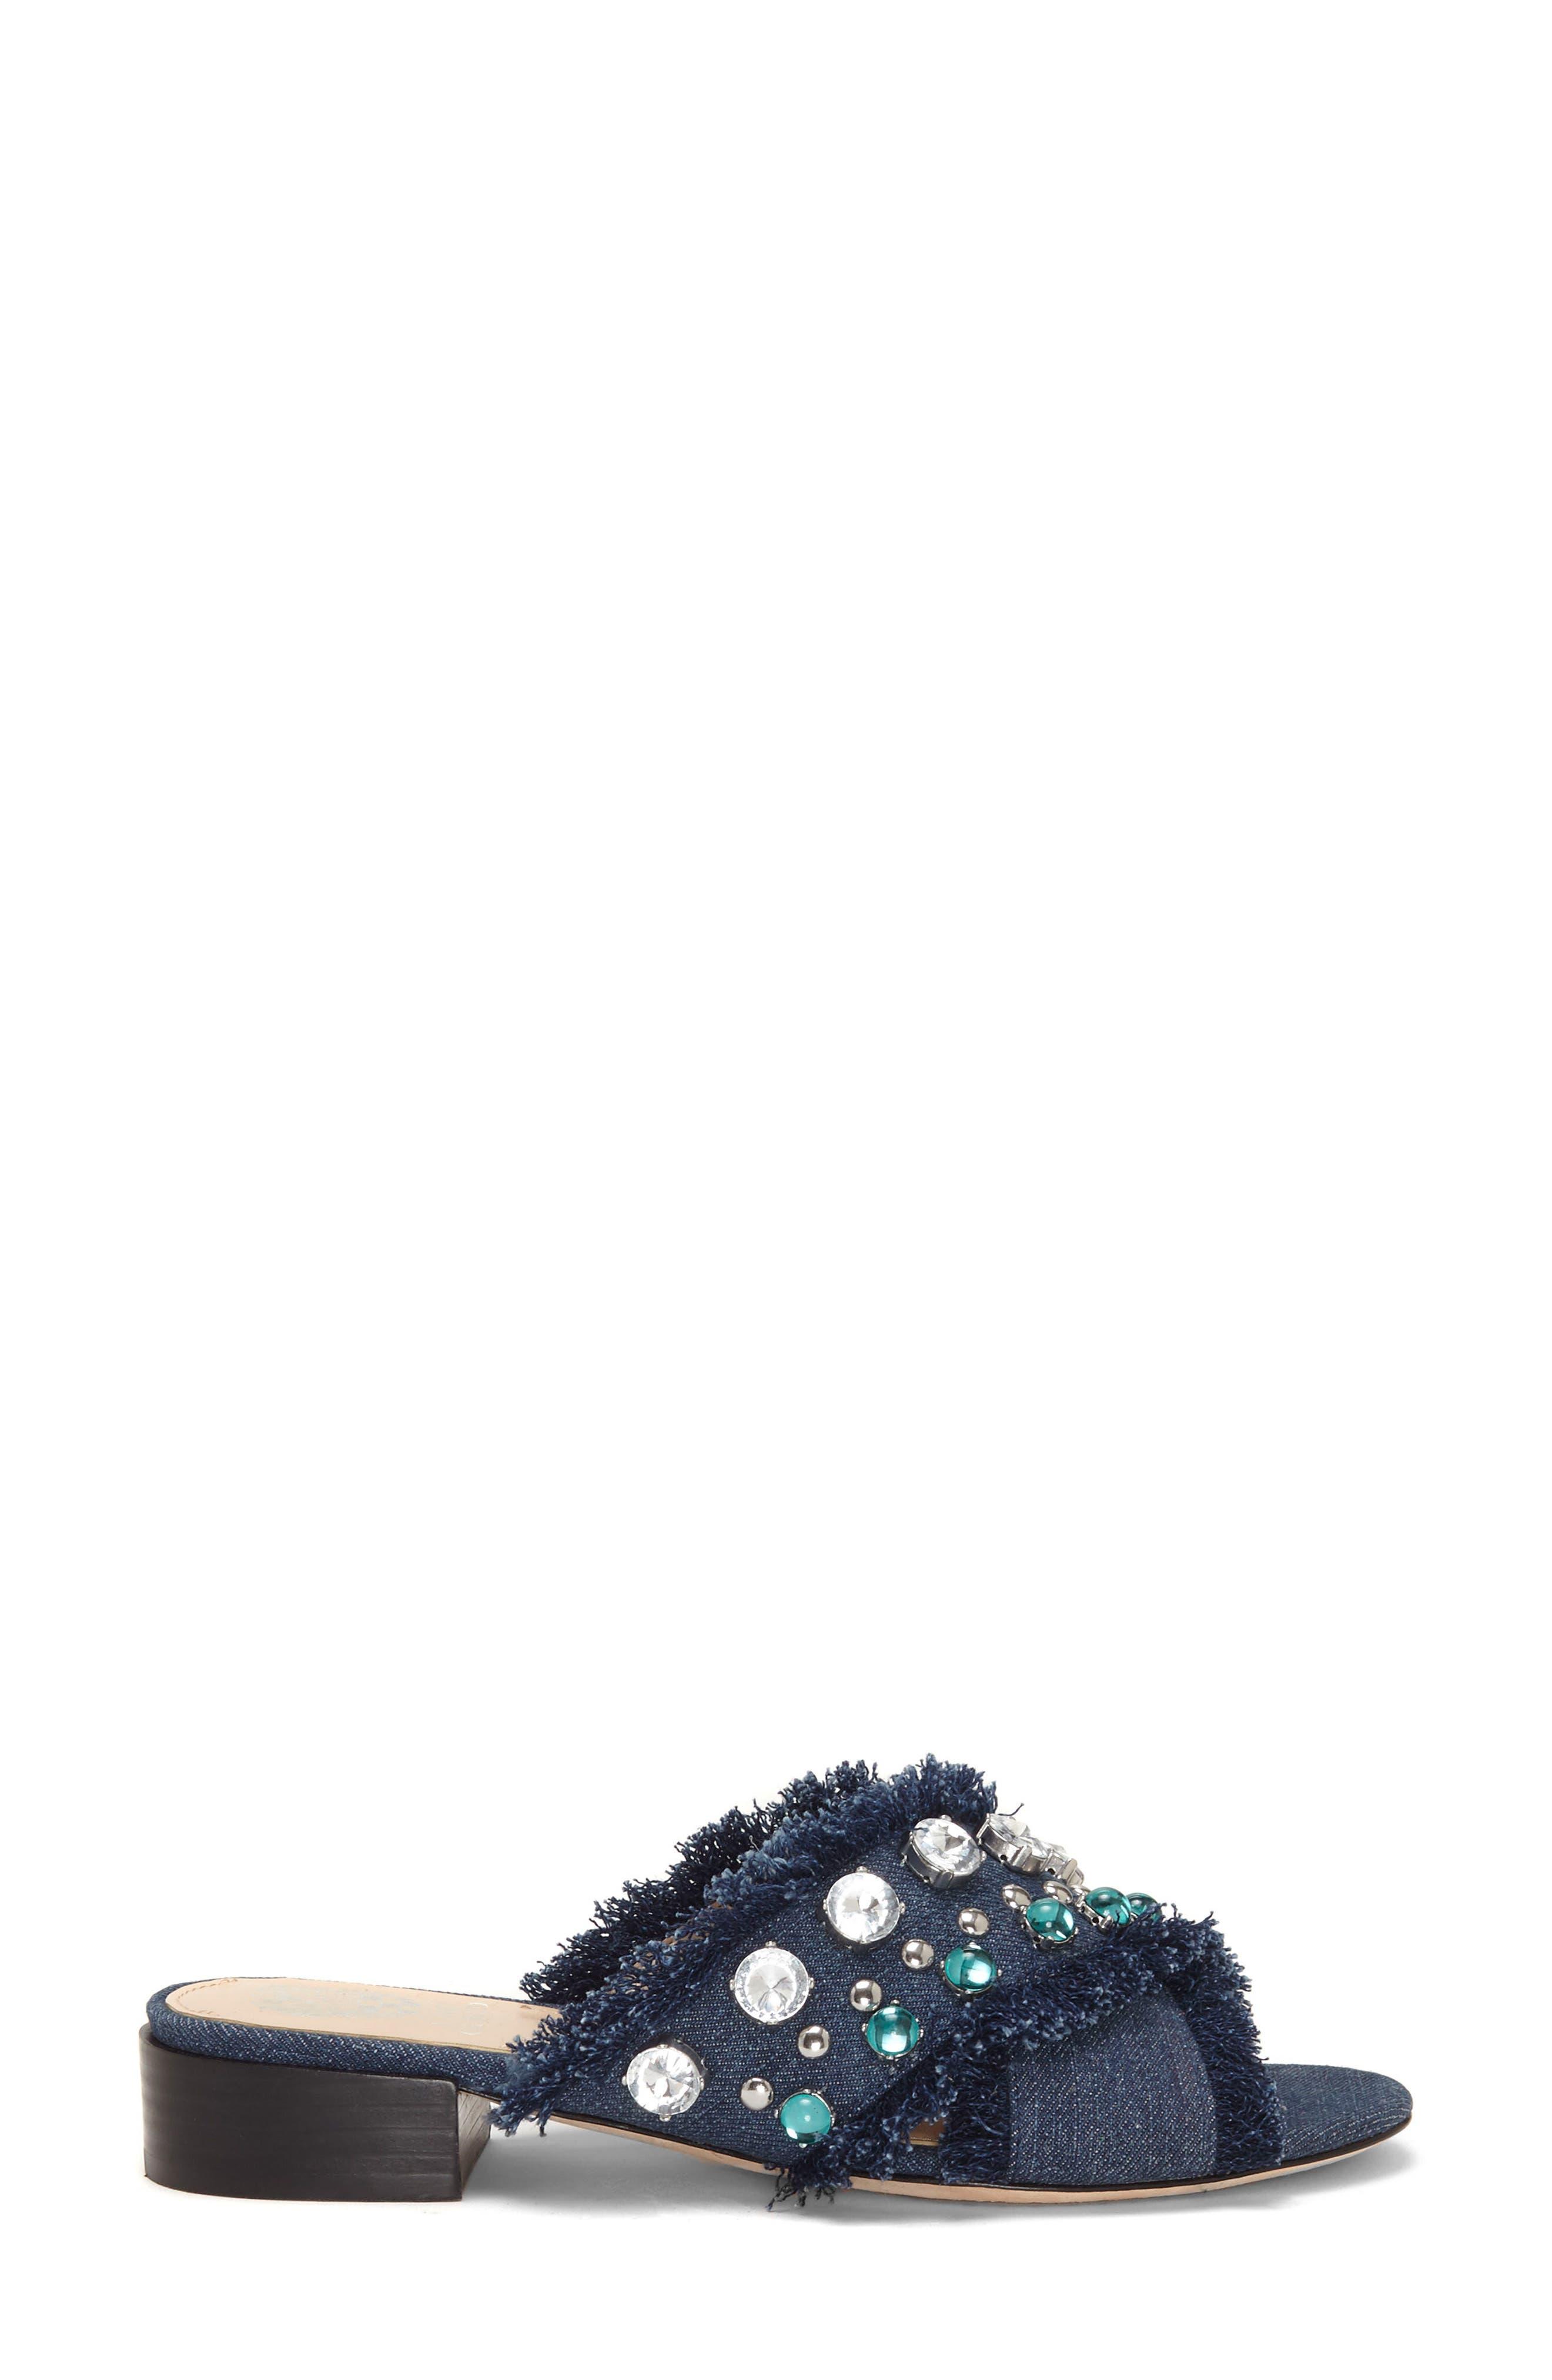 Noritta Slide Sandal,                             Alternate thumbnail 5, color,